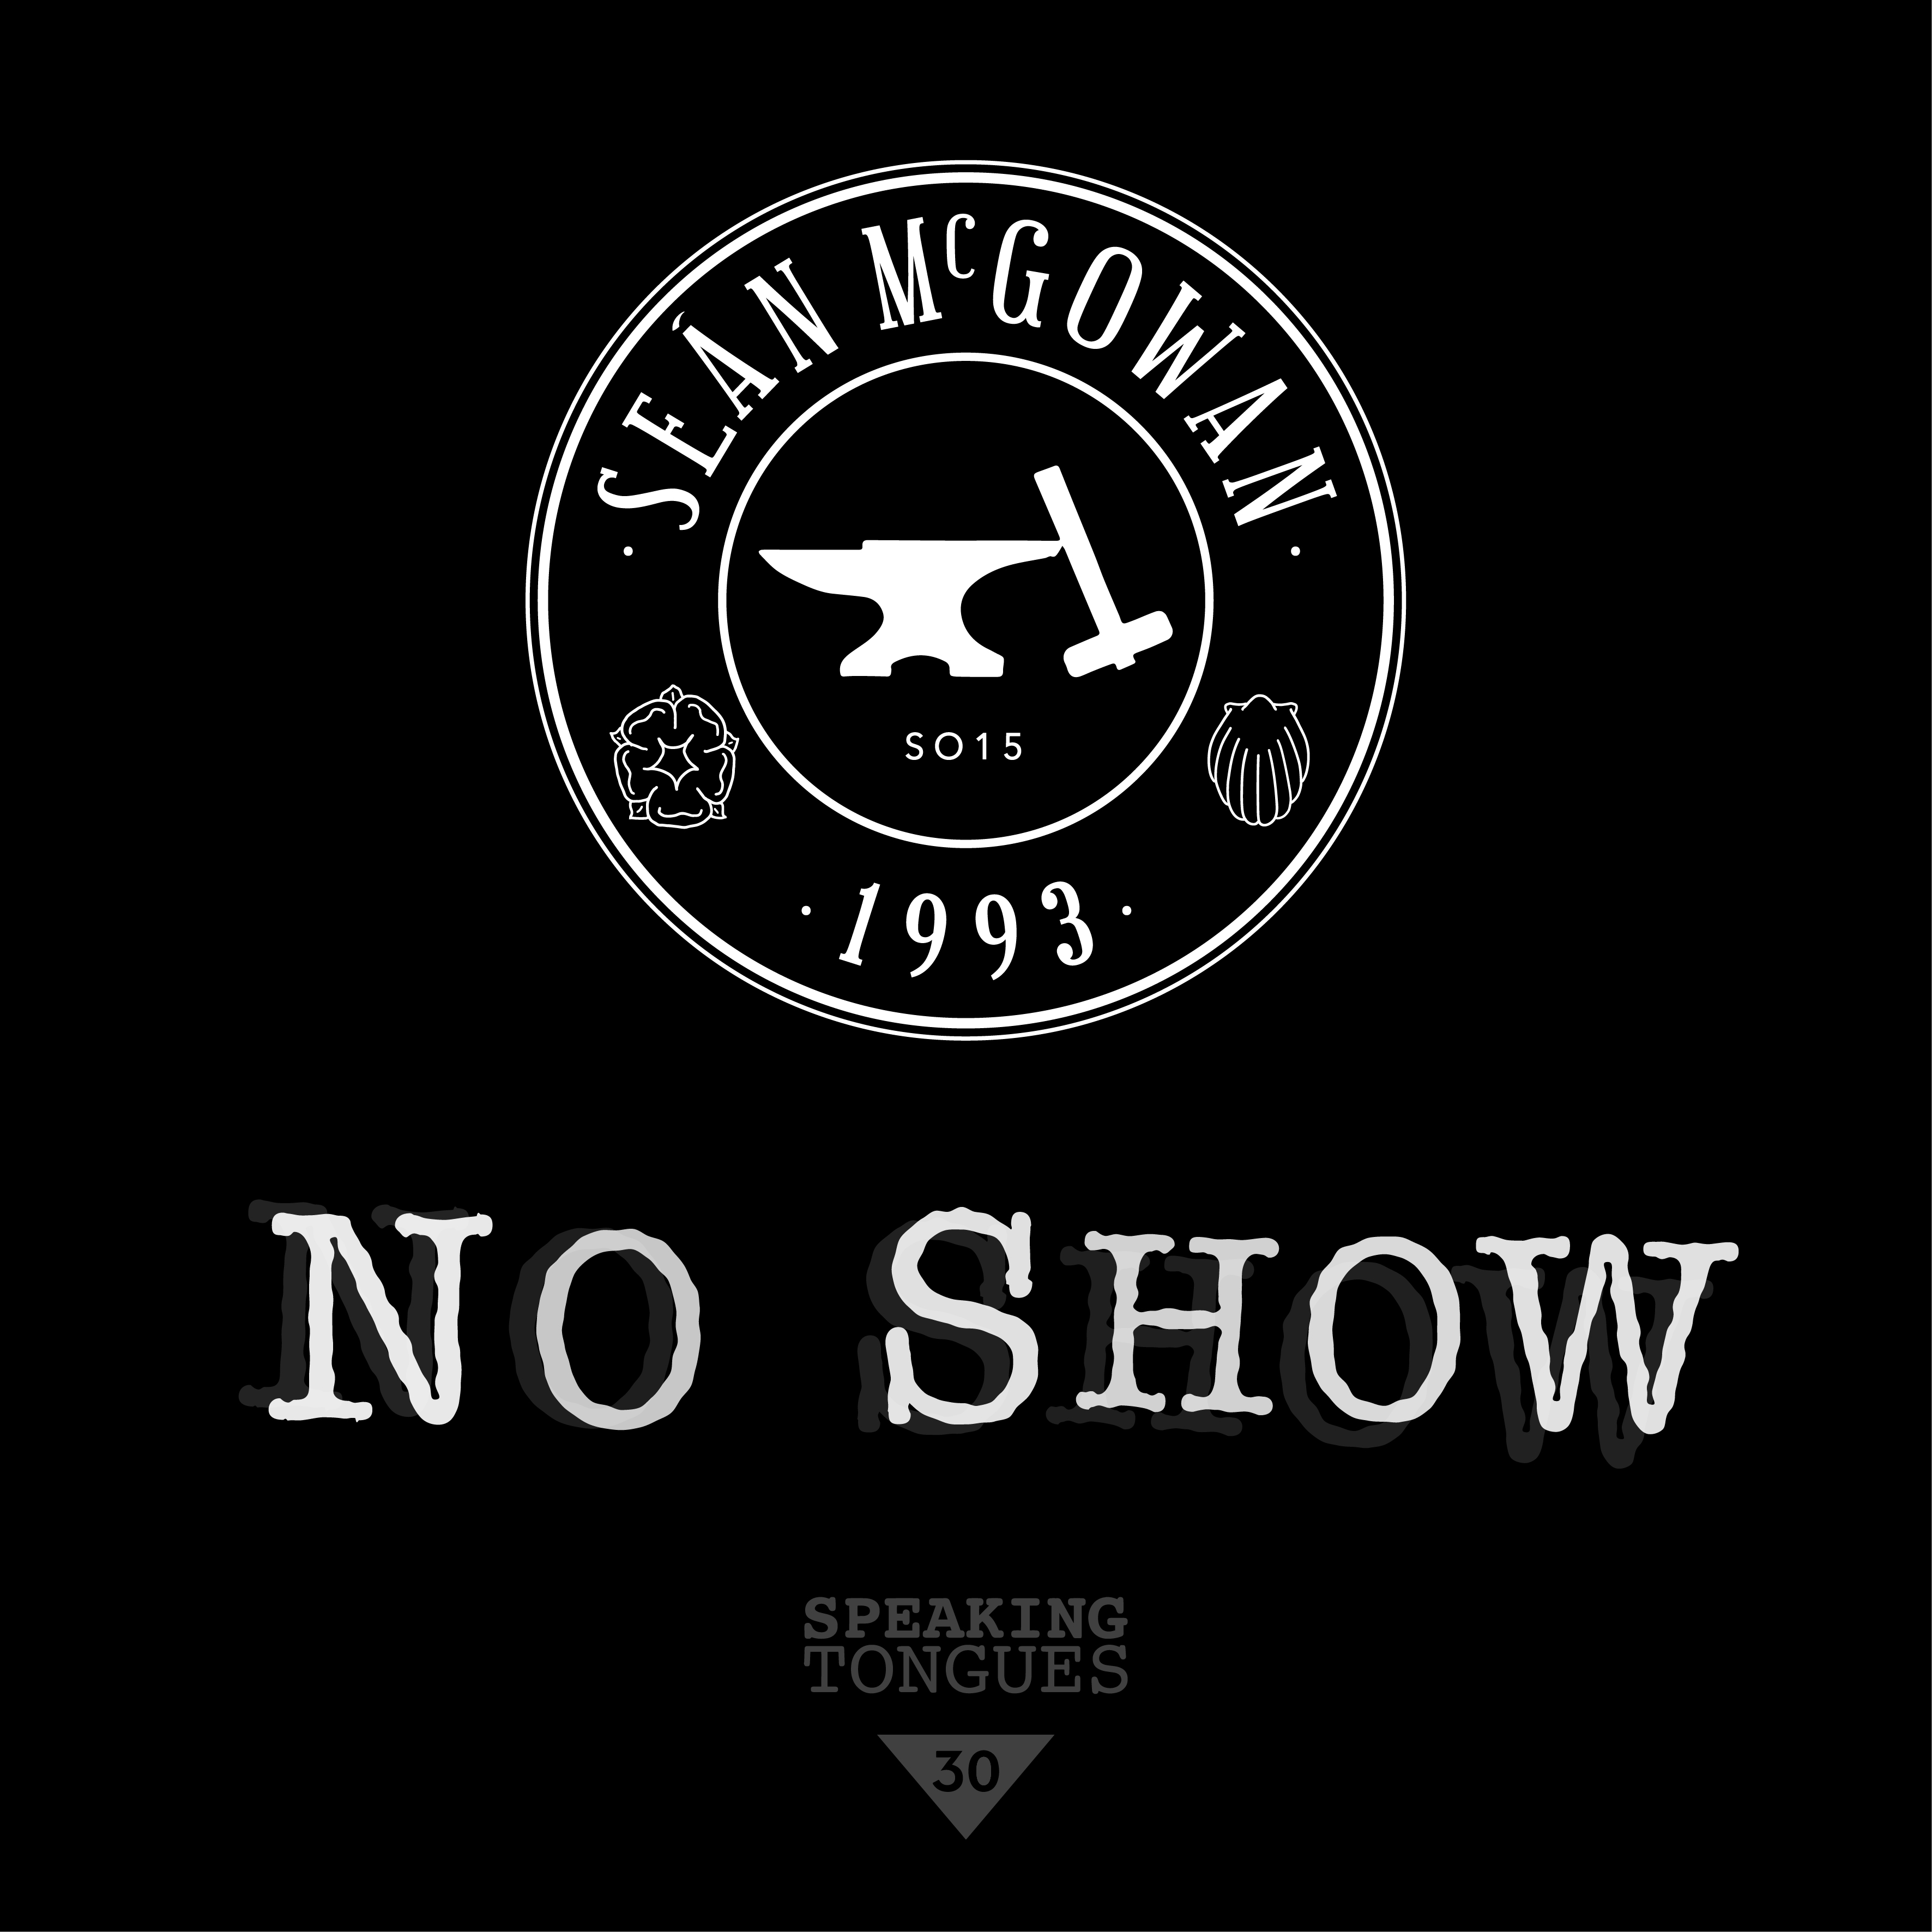 Seán McGowan - No Show